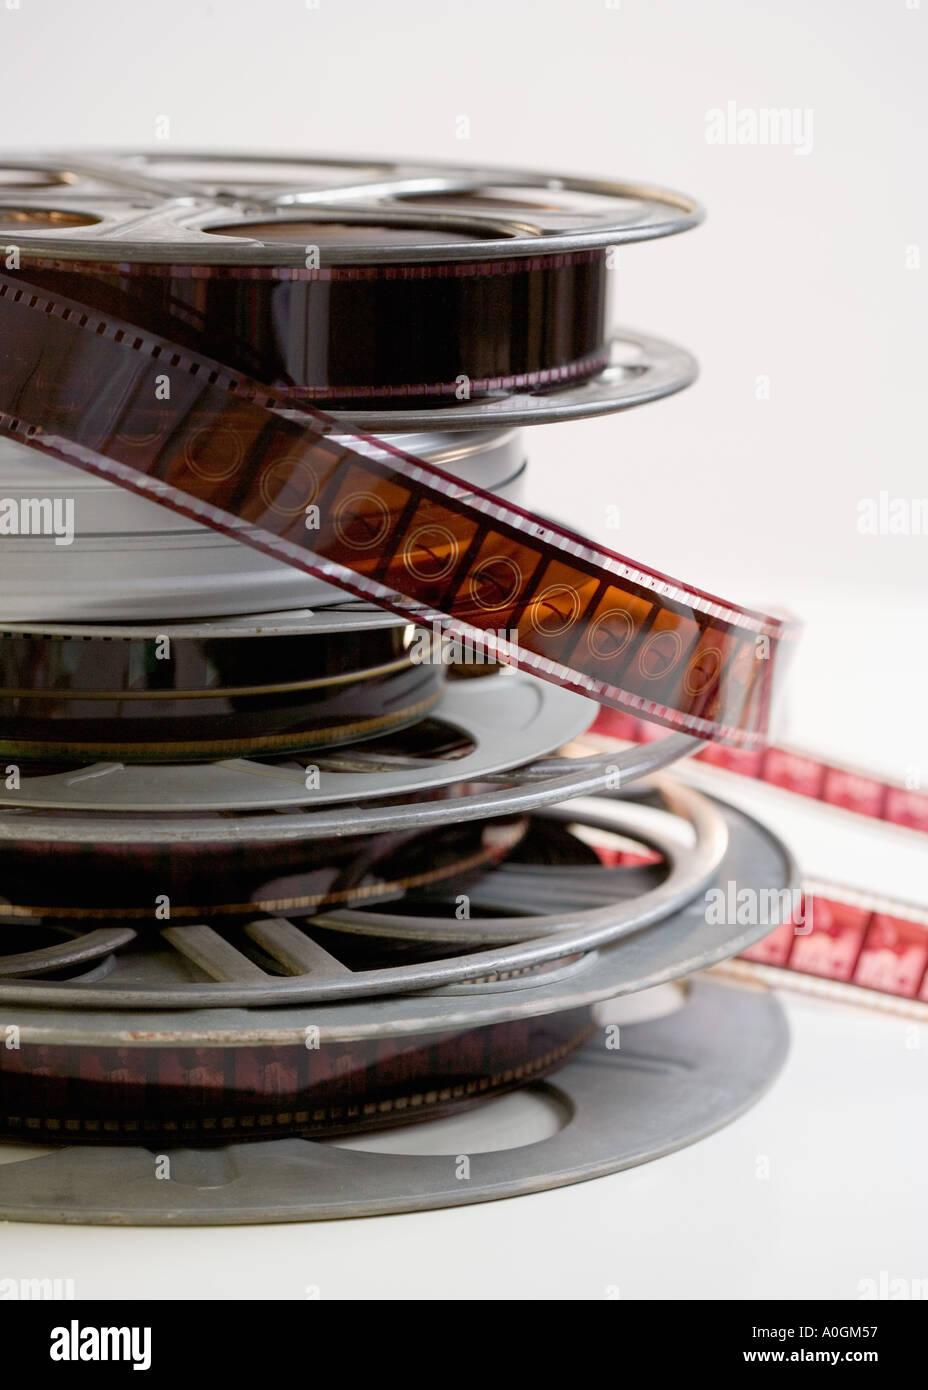 Pila de películas de cine de tambores Imagen De Stock